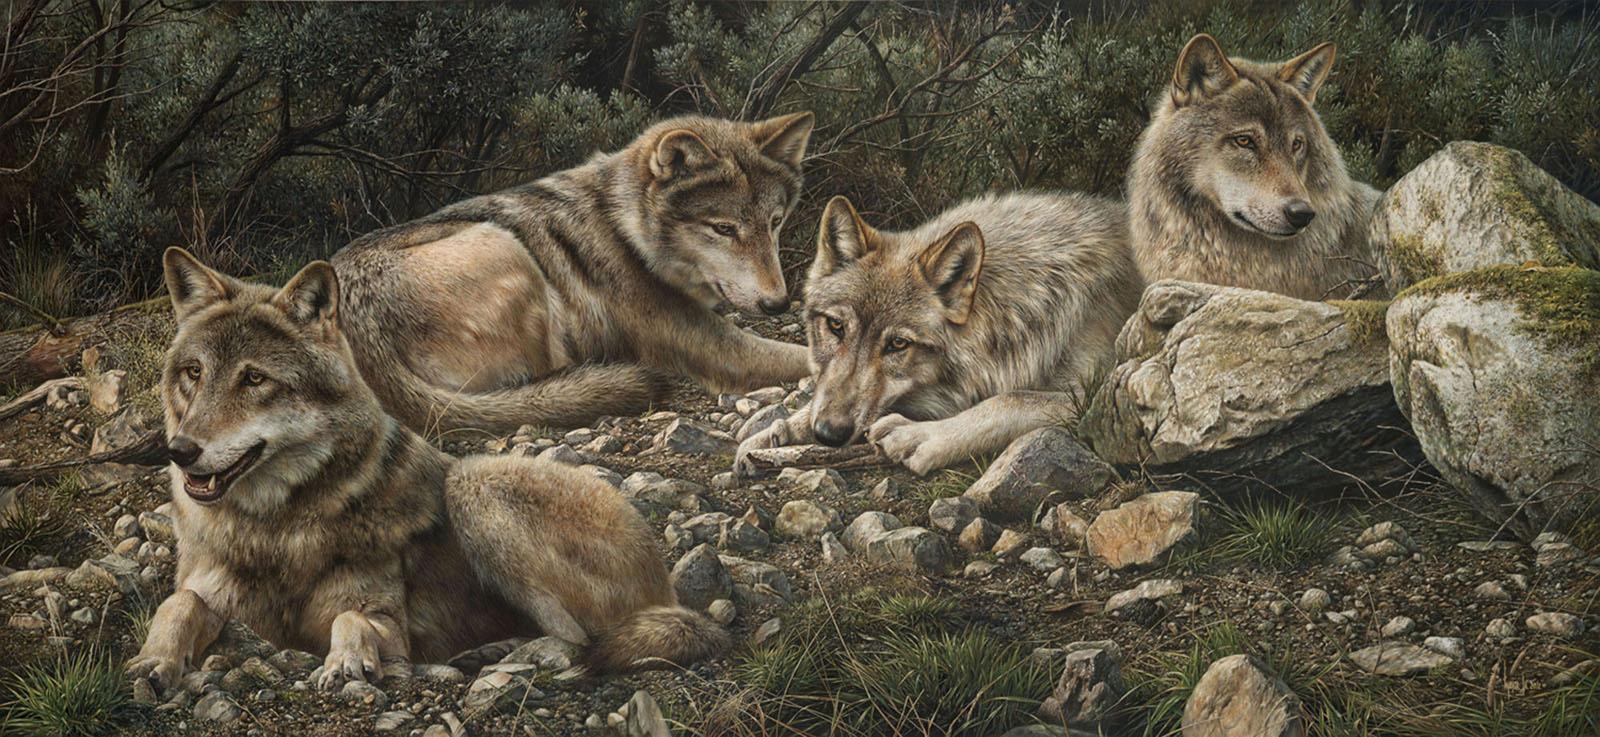 Forever Wild - Denis Mayer Jr.